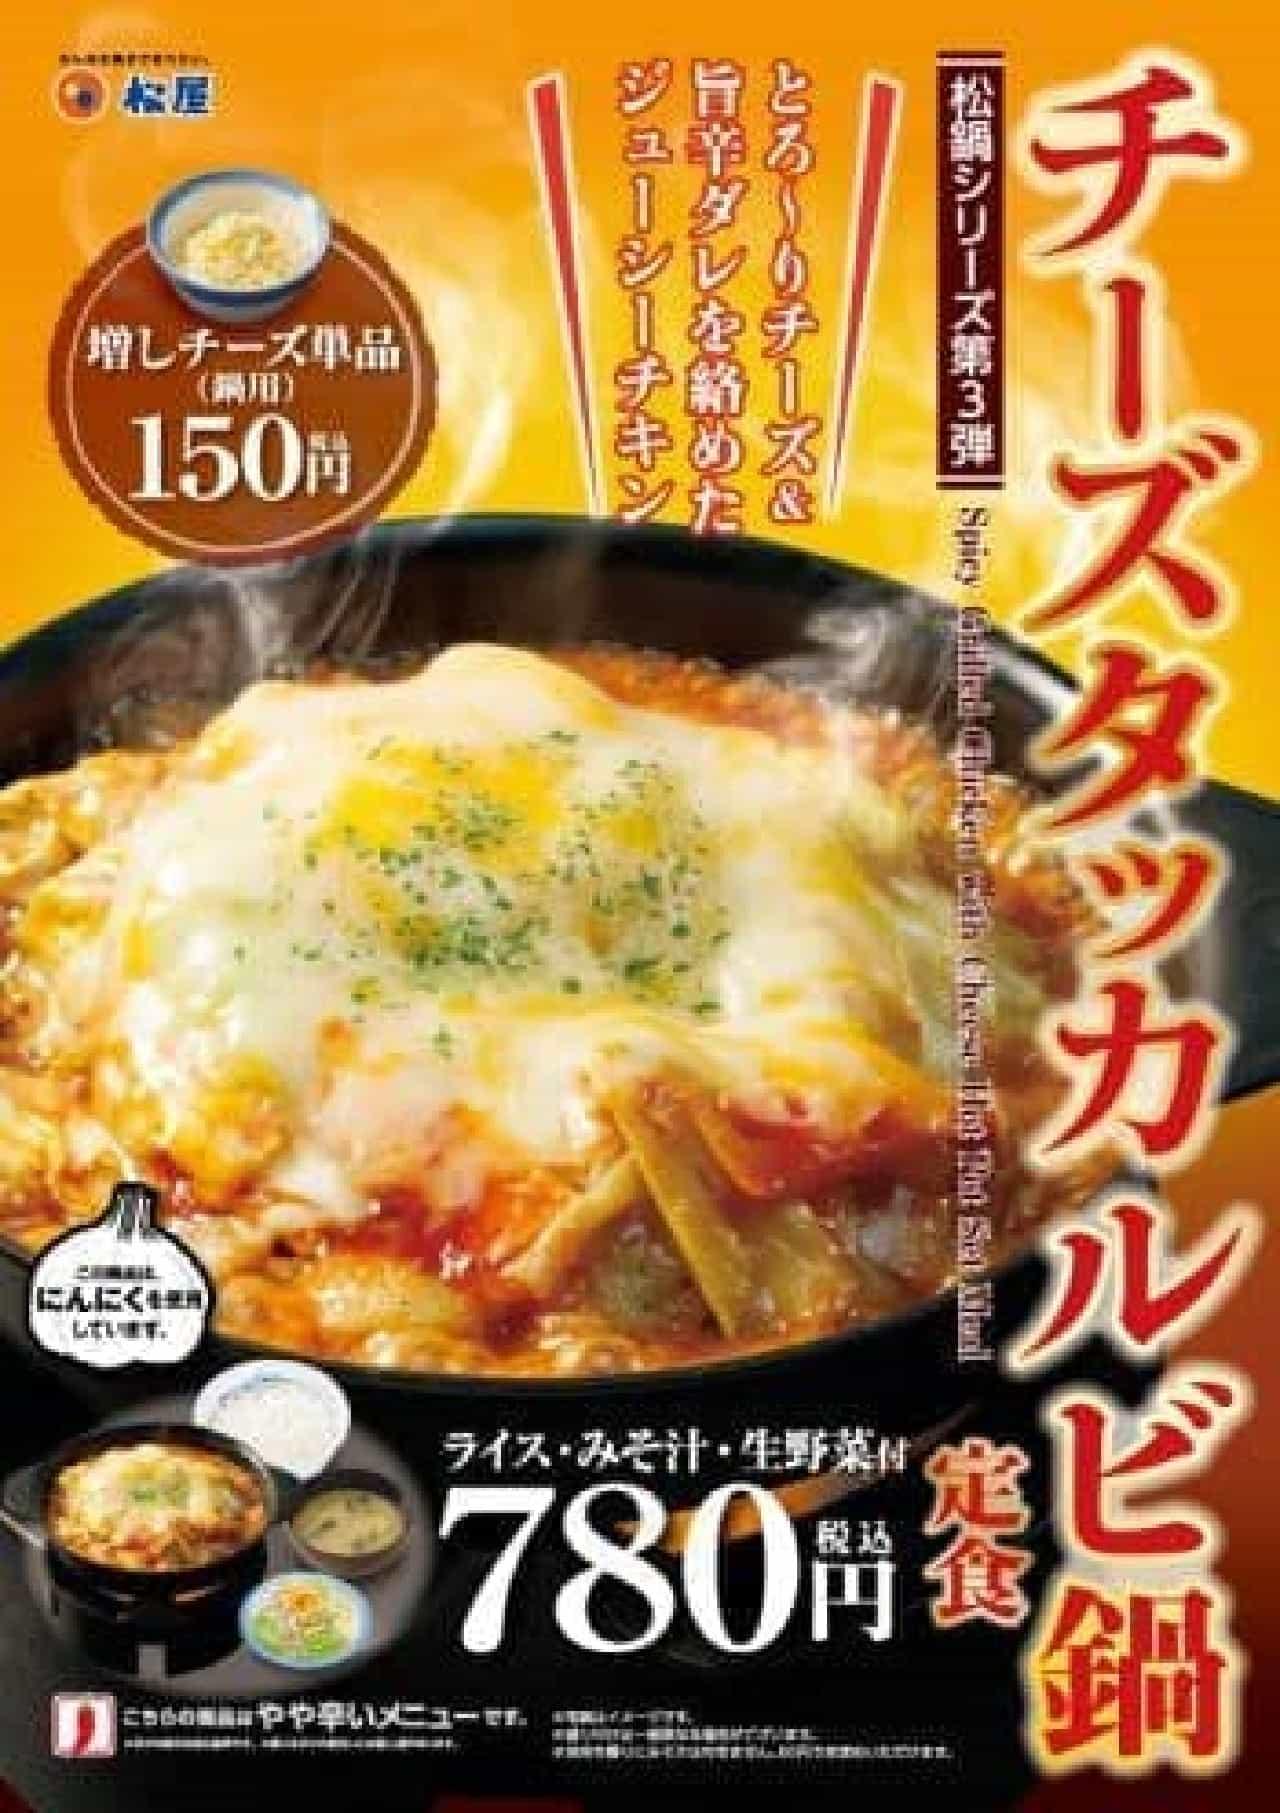 松屋「チーズタッカルビ鍋定食」